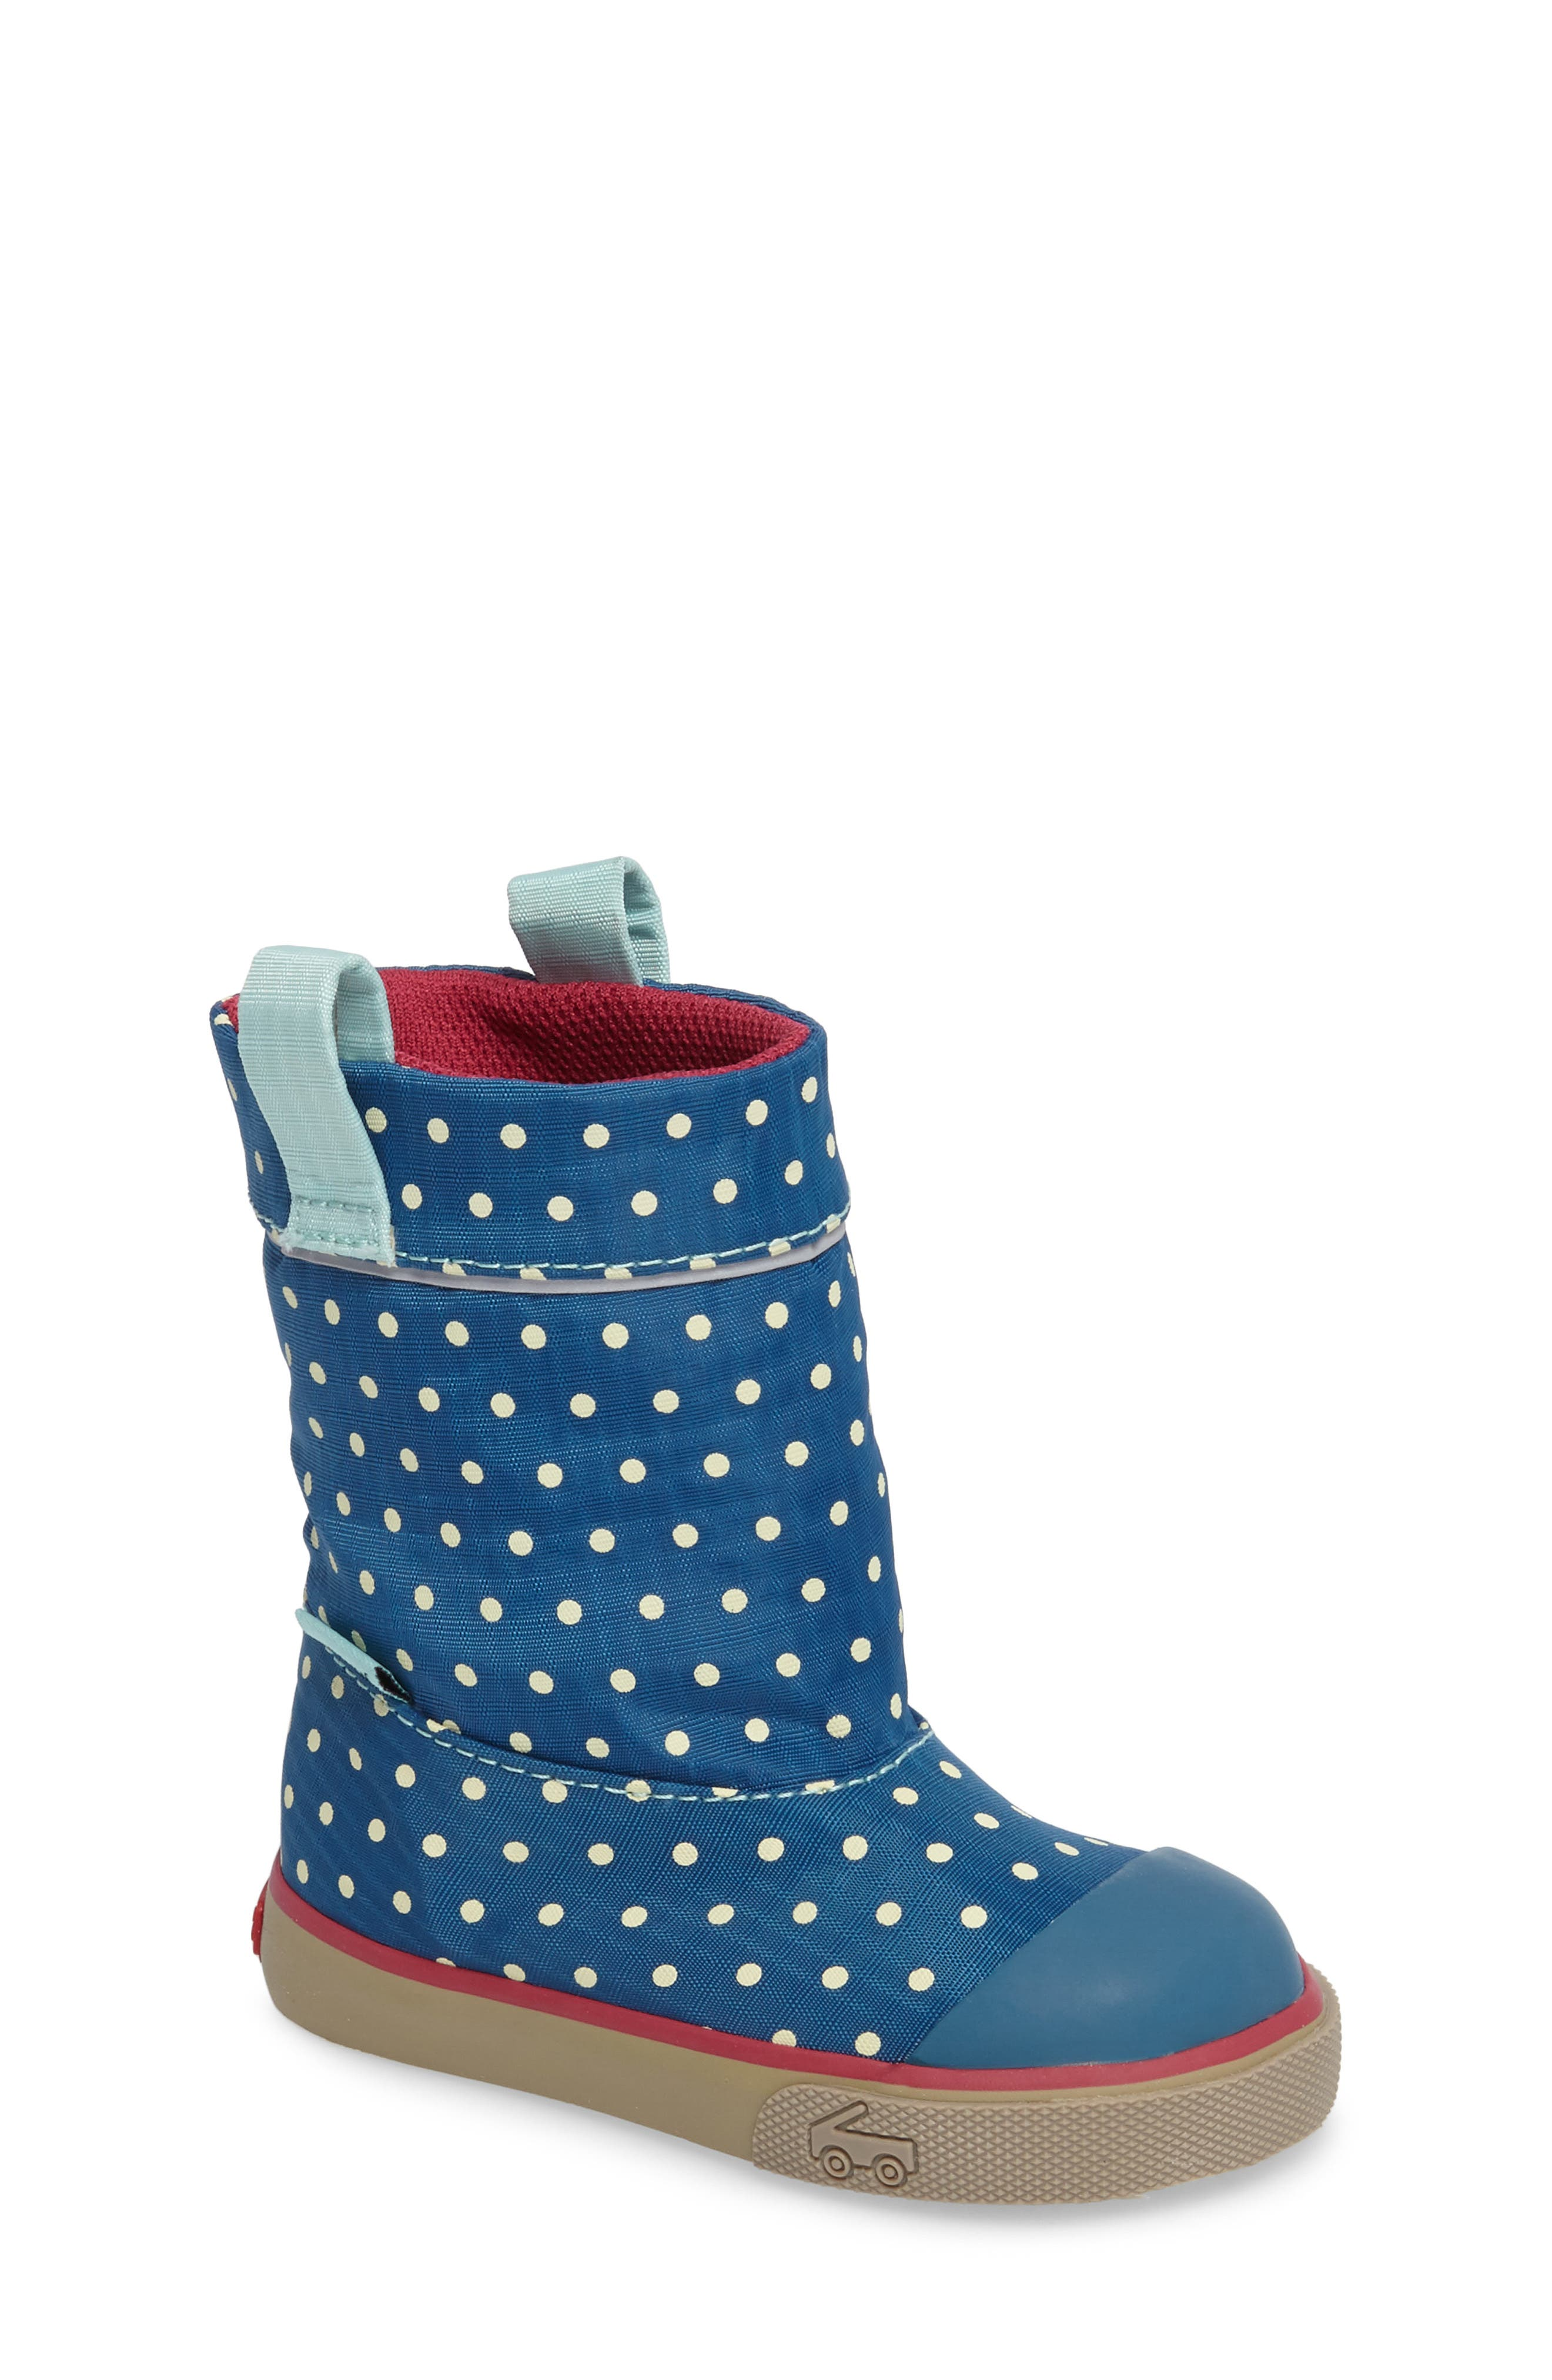 See Kai Run Montlake Waterproof Boot (Baby, Walker, Toddler & Little Kid)